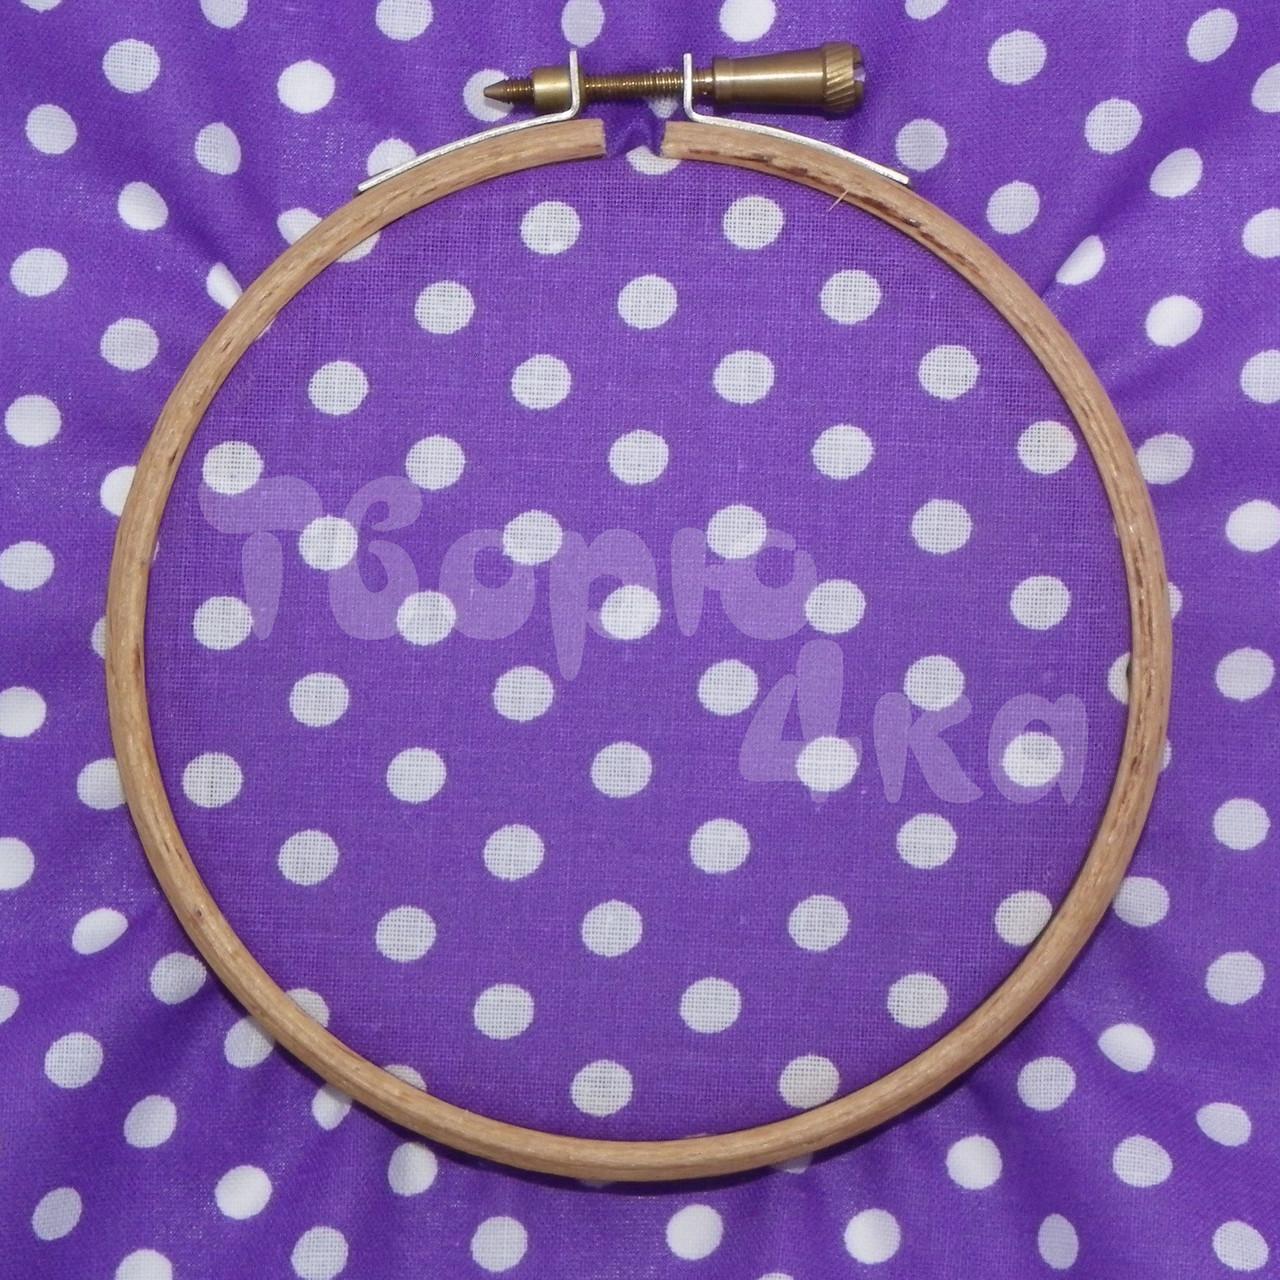 Ткань для пэчворка, кукл тильда фиолетовая в горох